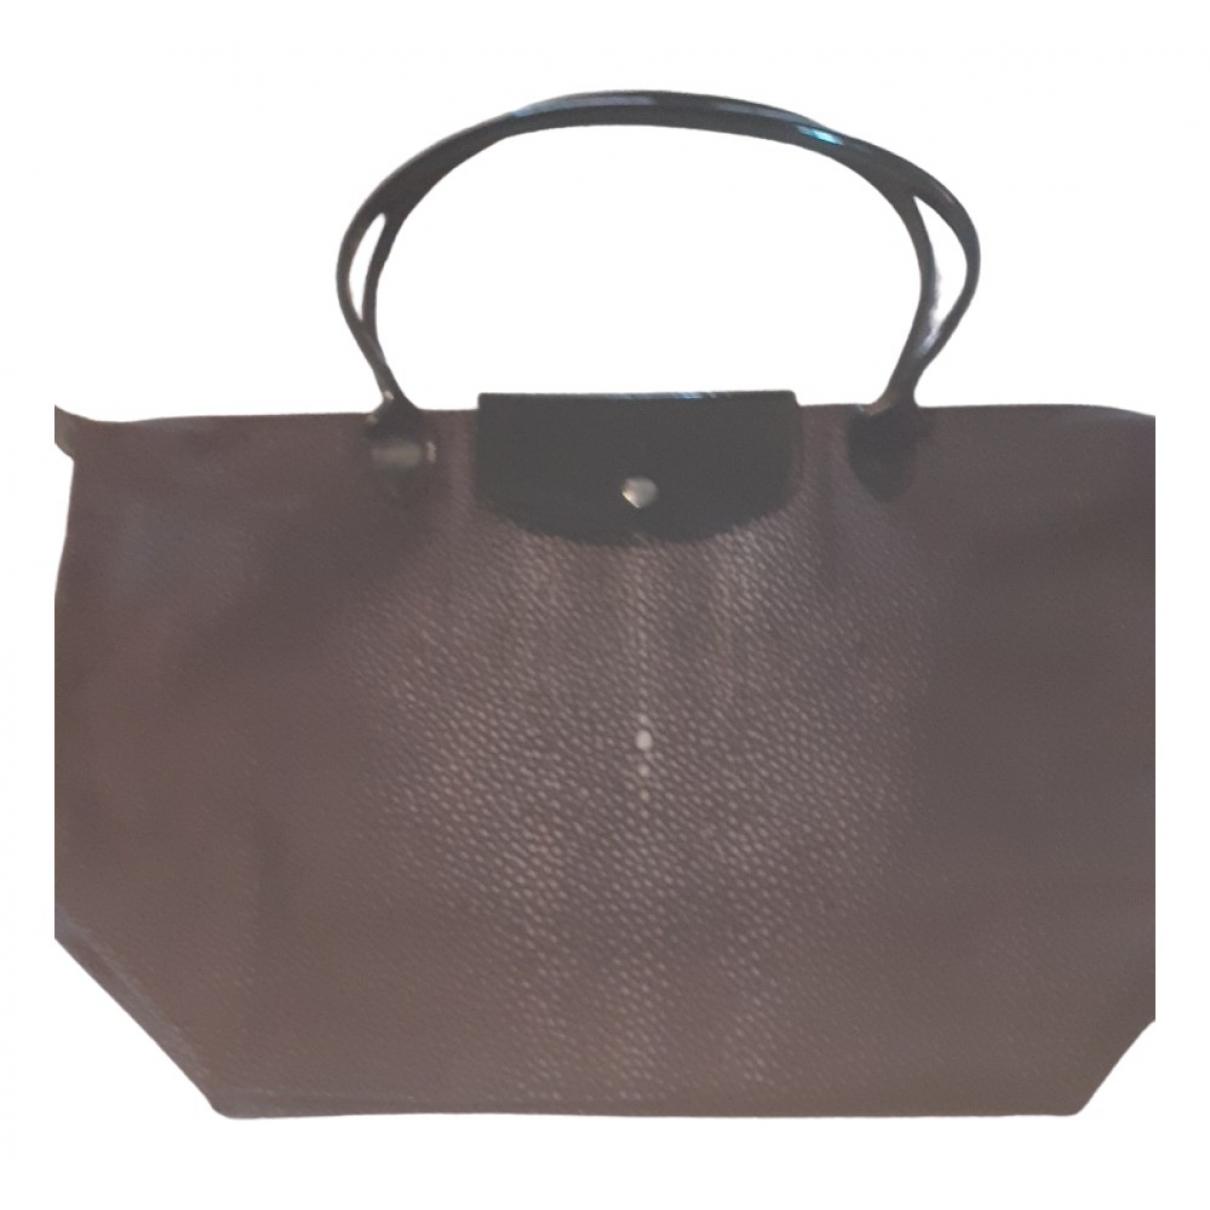 Longchamp - Sac a main Pliage  pour femme - gris